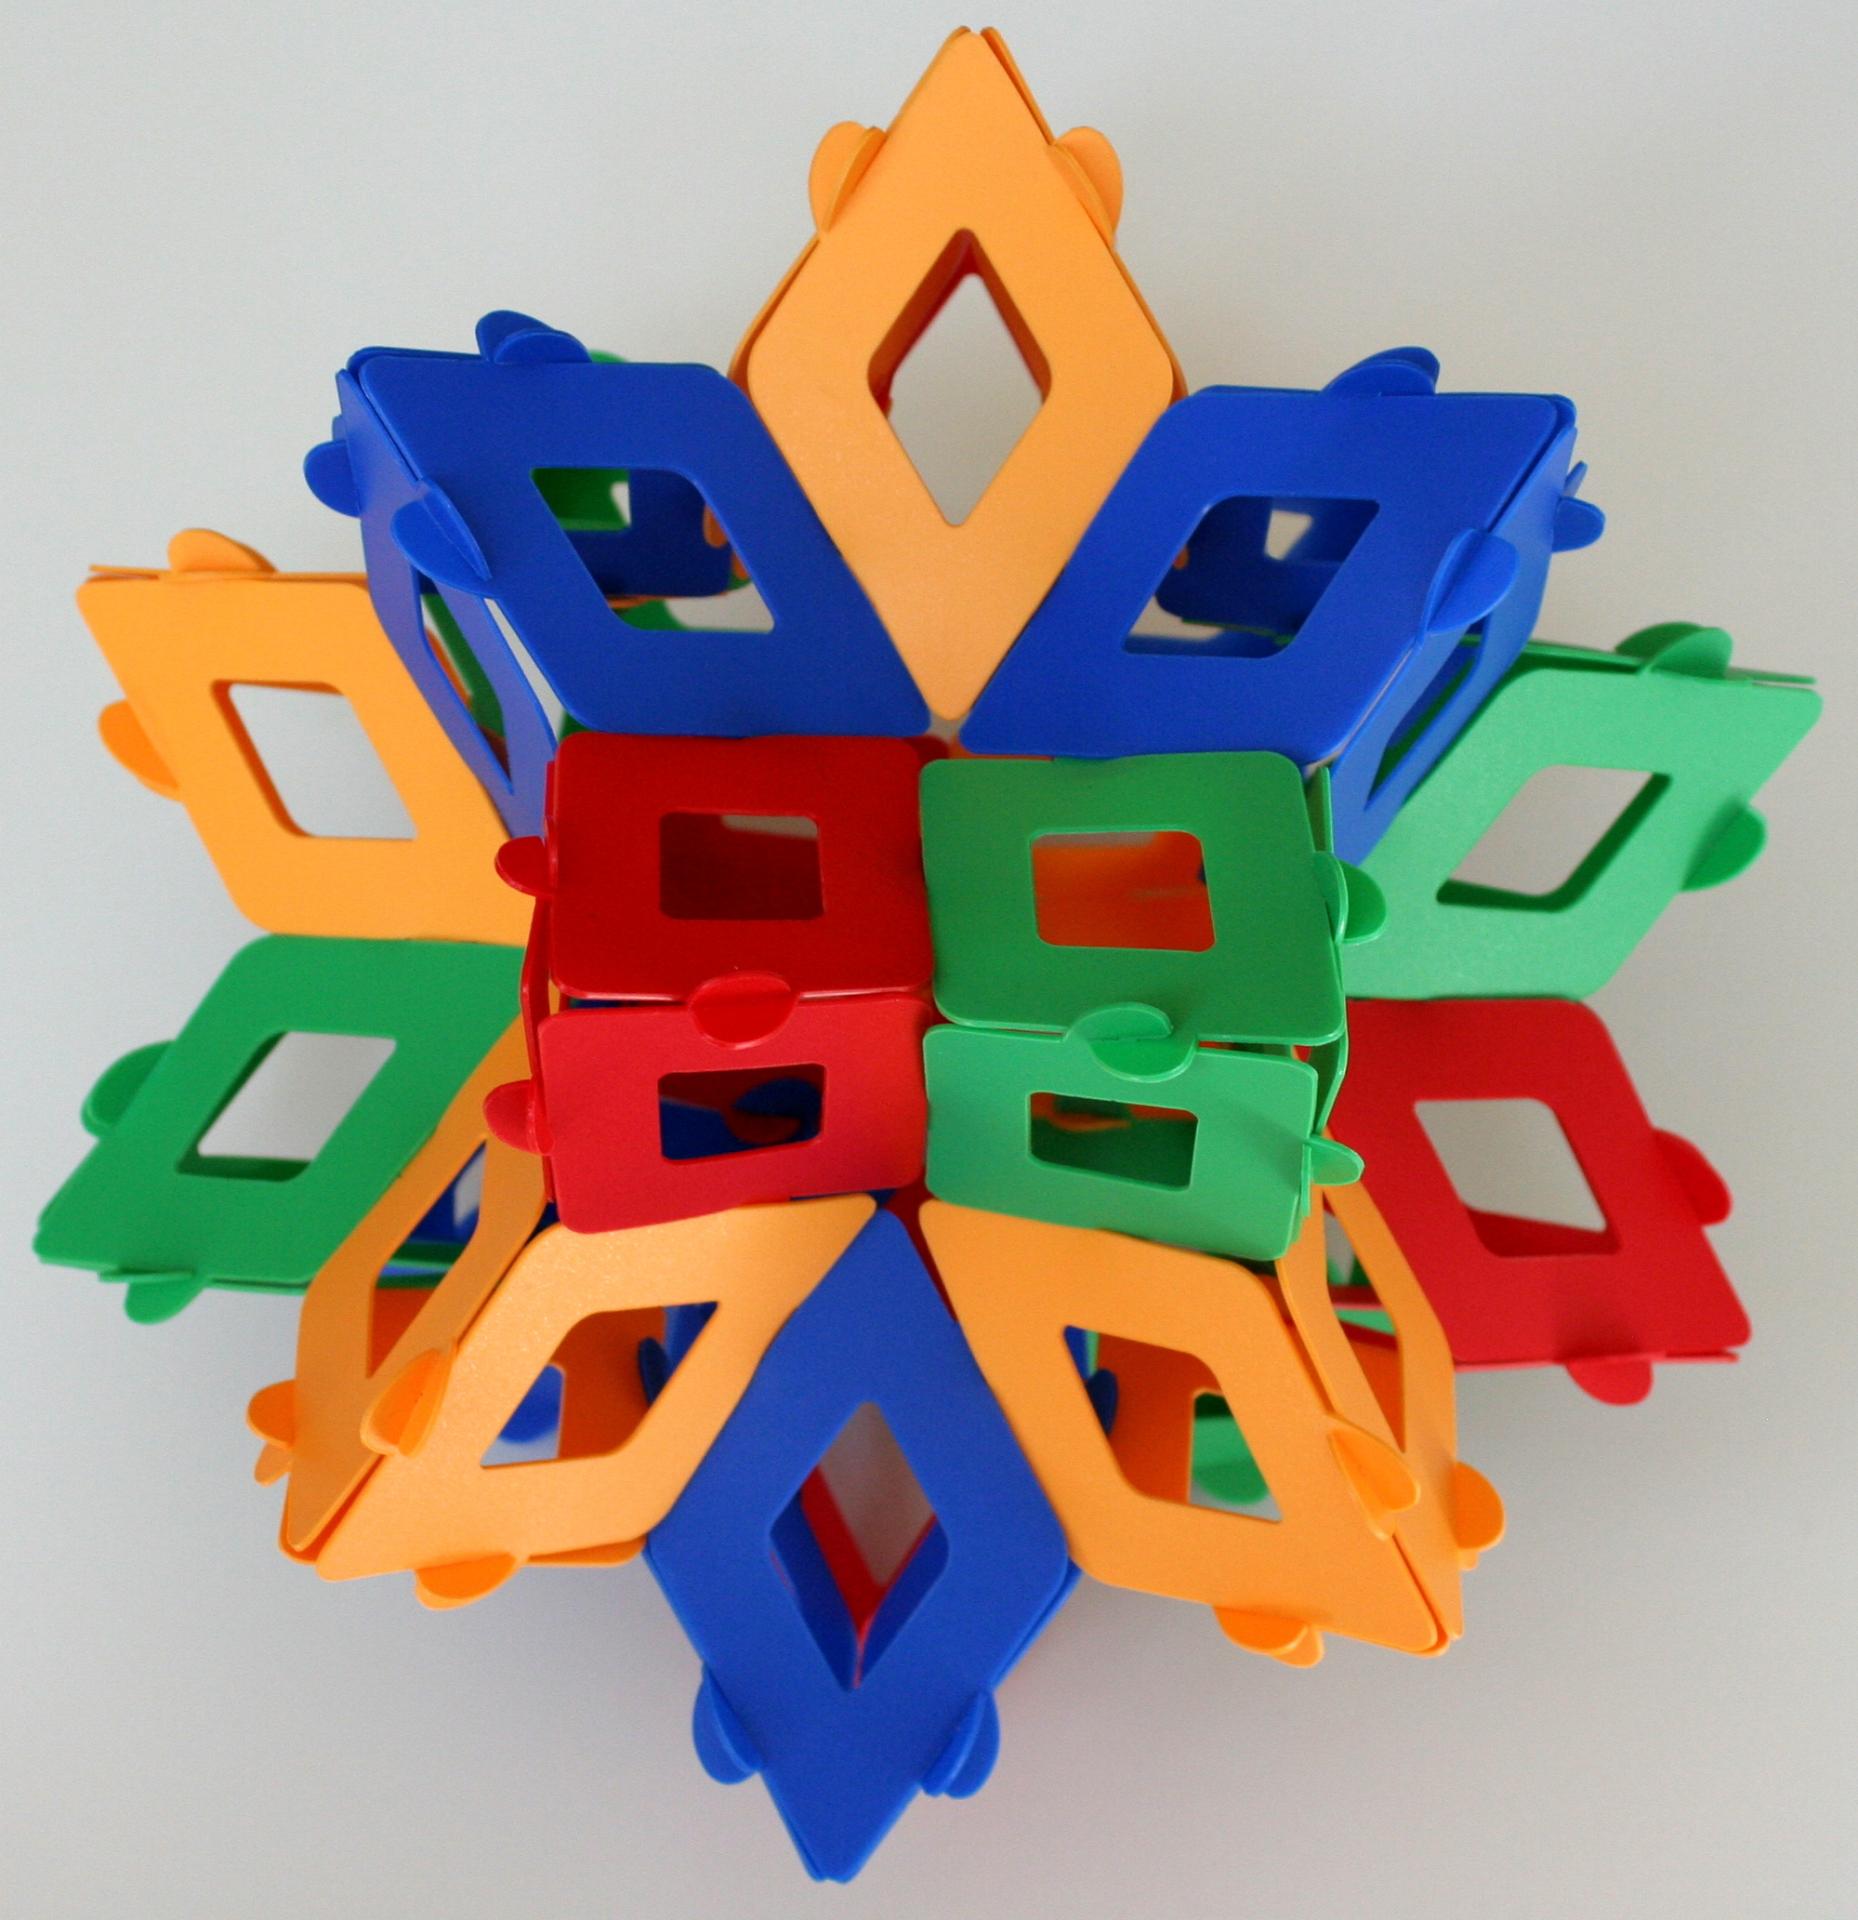 Rhombic hexecontahedron